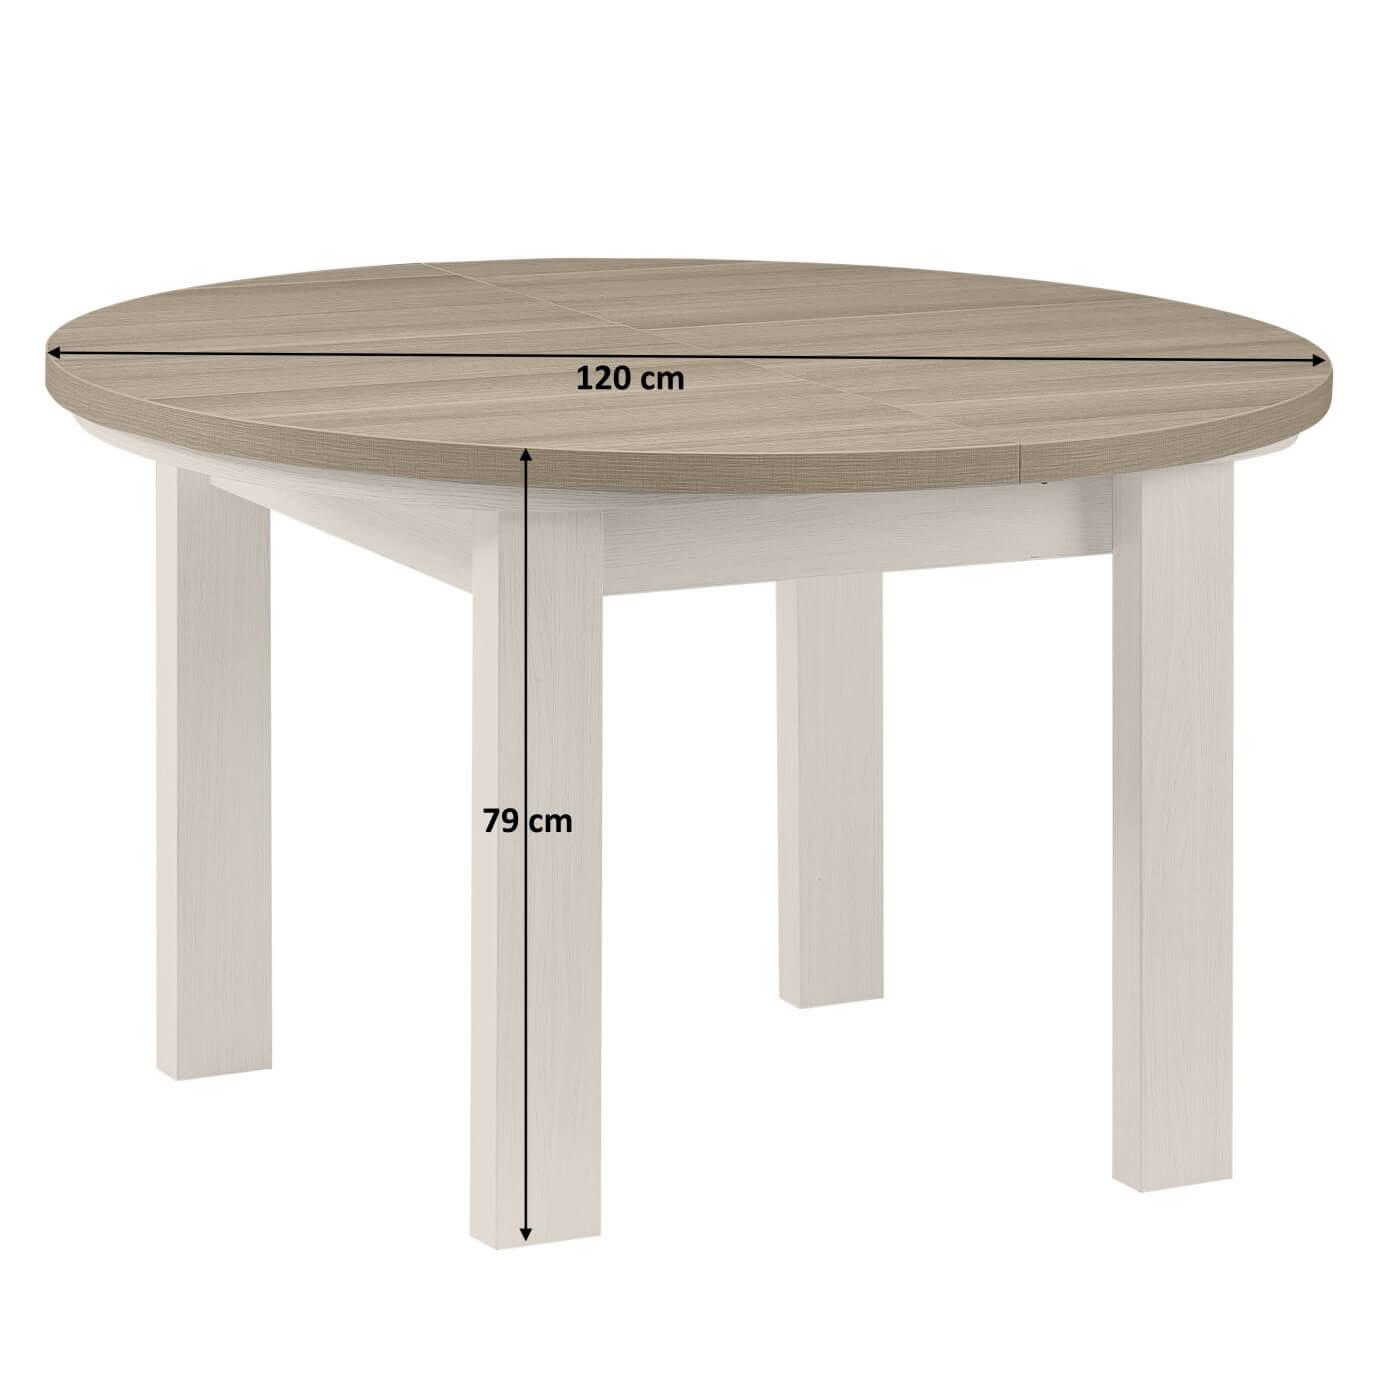 Table ronde de salle manger contemporaine palerme matelpro - Table ronde salle a manger ...